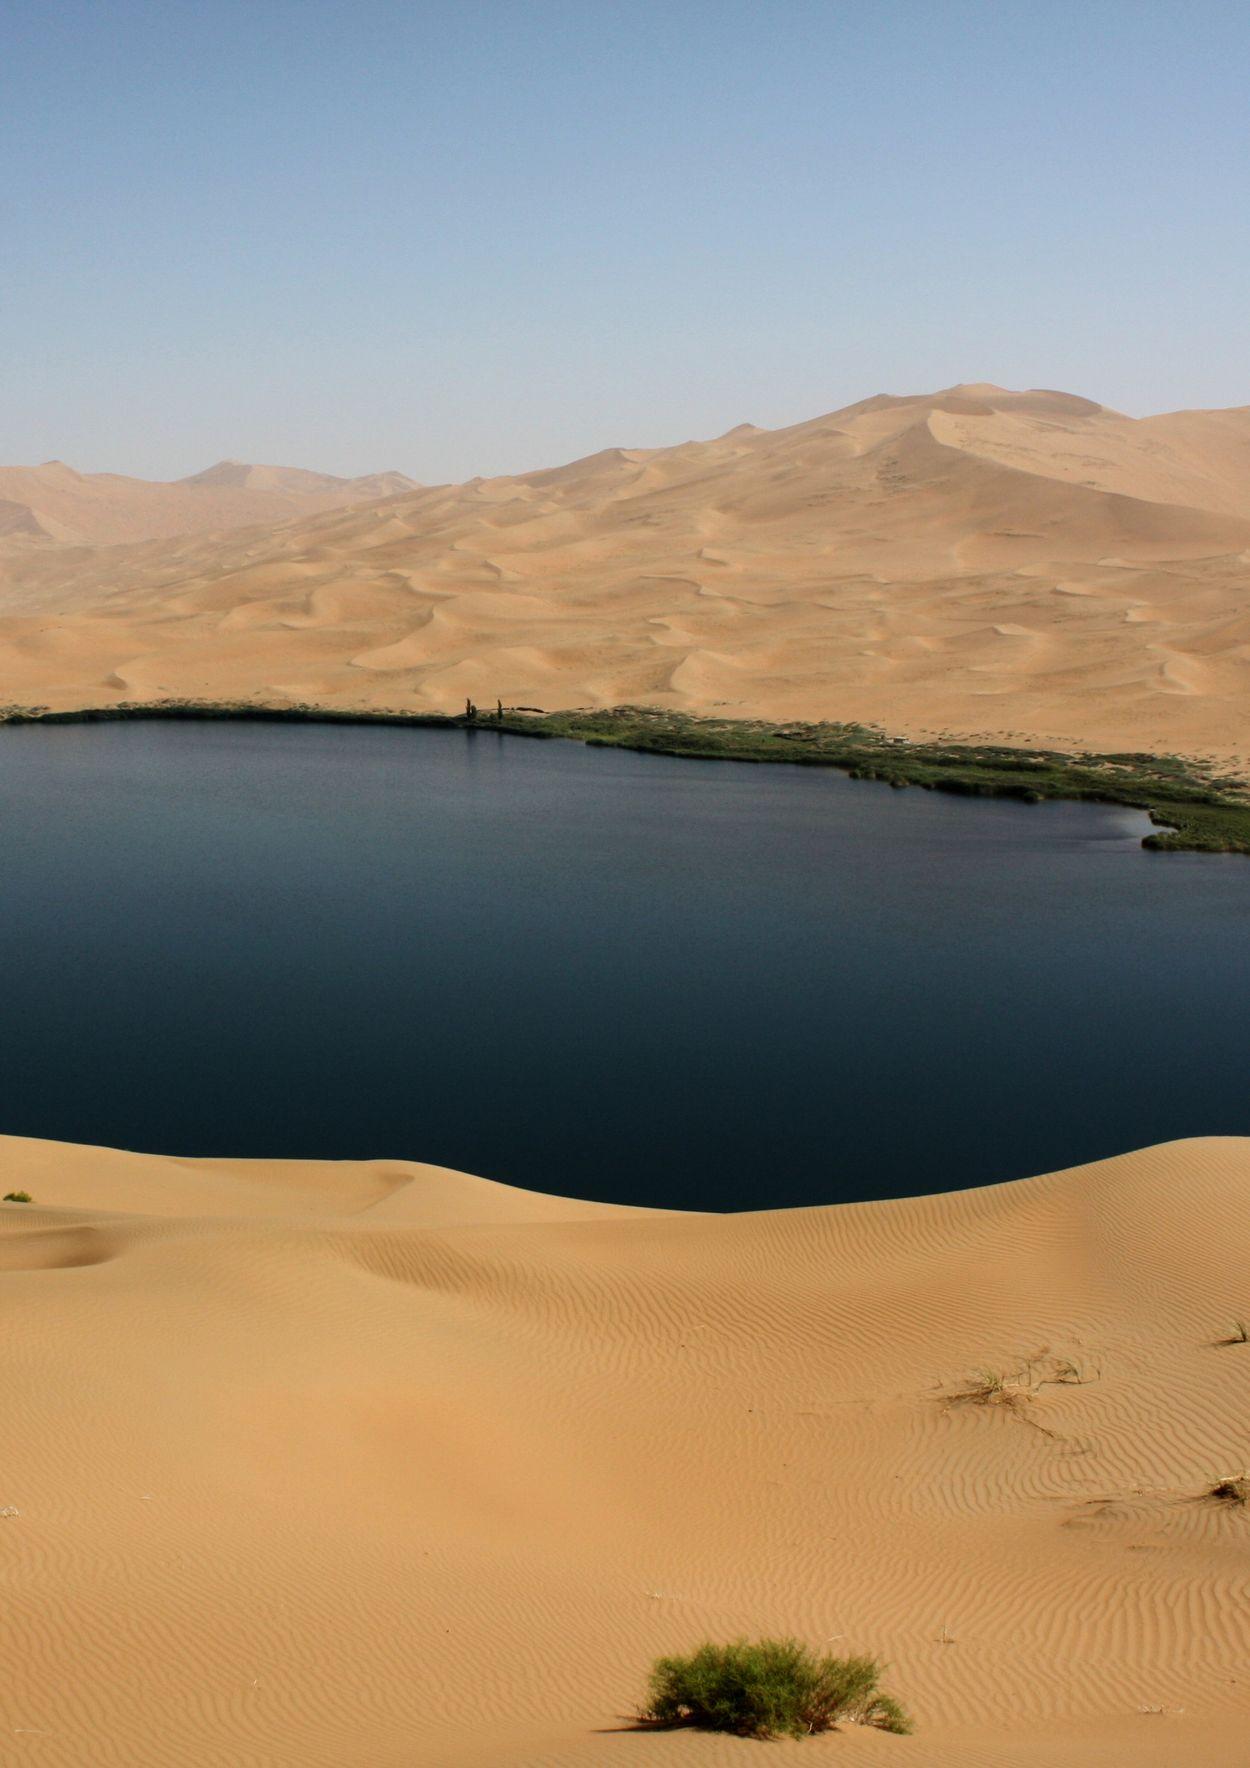 bulldoze desert to learn how sand dunes form